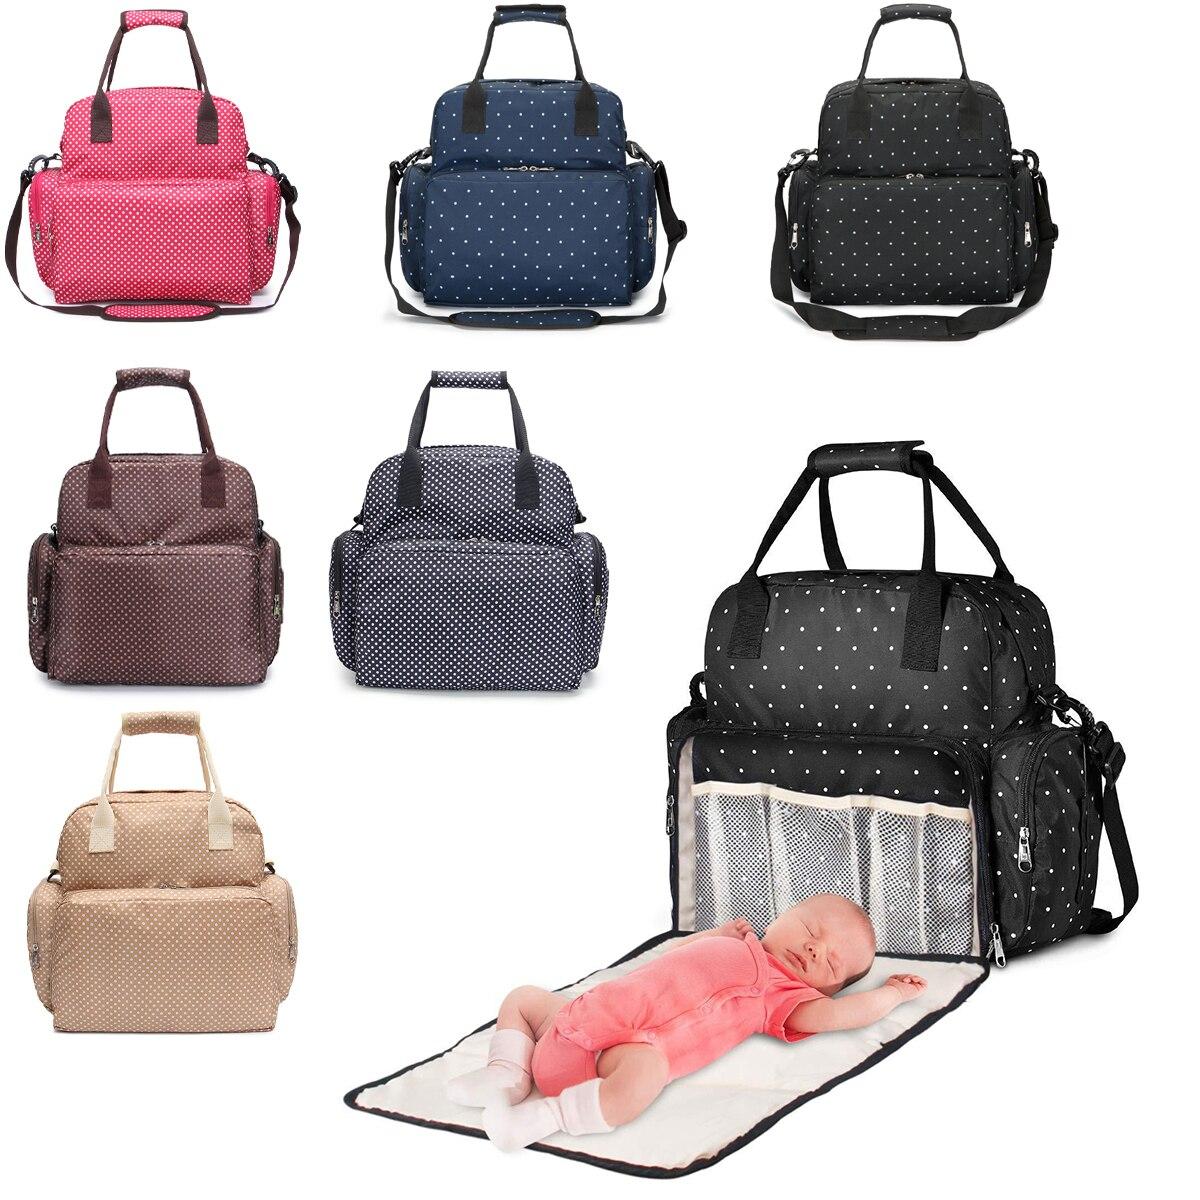 أكياس حفاظات الحفاض على ظهره حقيبة مومياء سعة كبيرة حقيبة متعددة الوظائف مقاوم للماء في الهواء الطلق السفر أمي حقيبة الطفل لرعاية الطفل